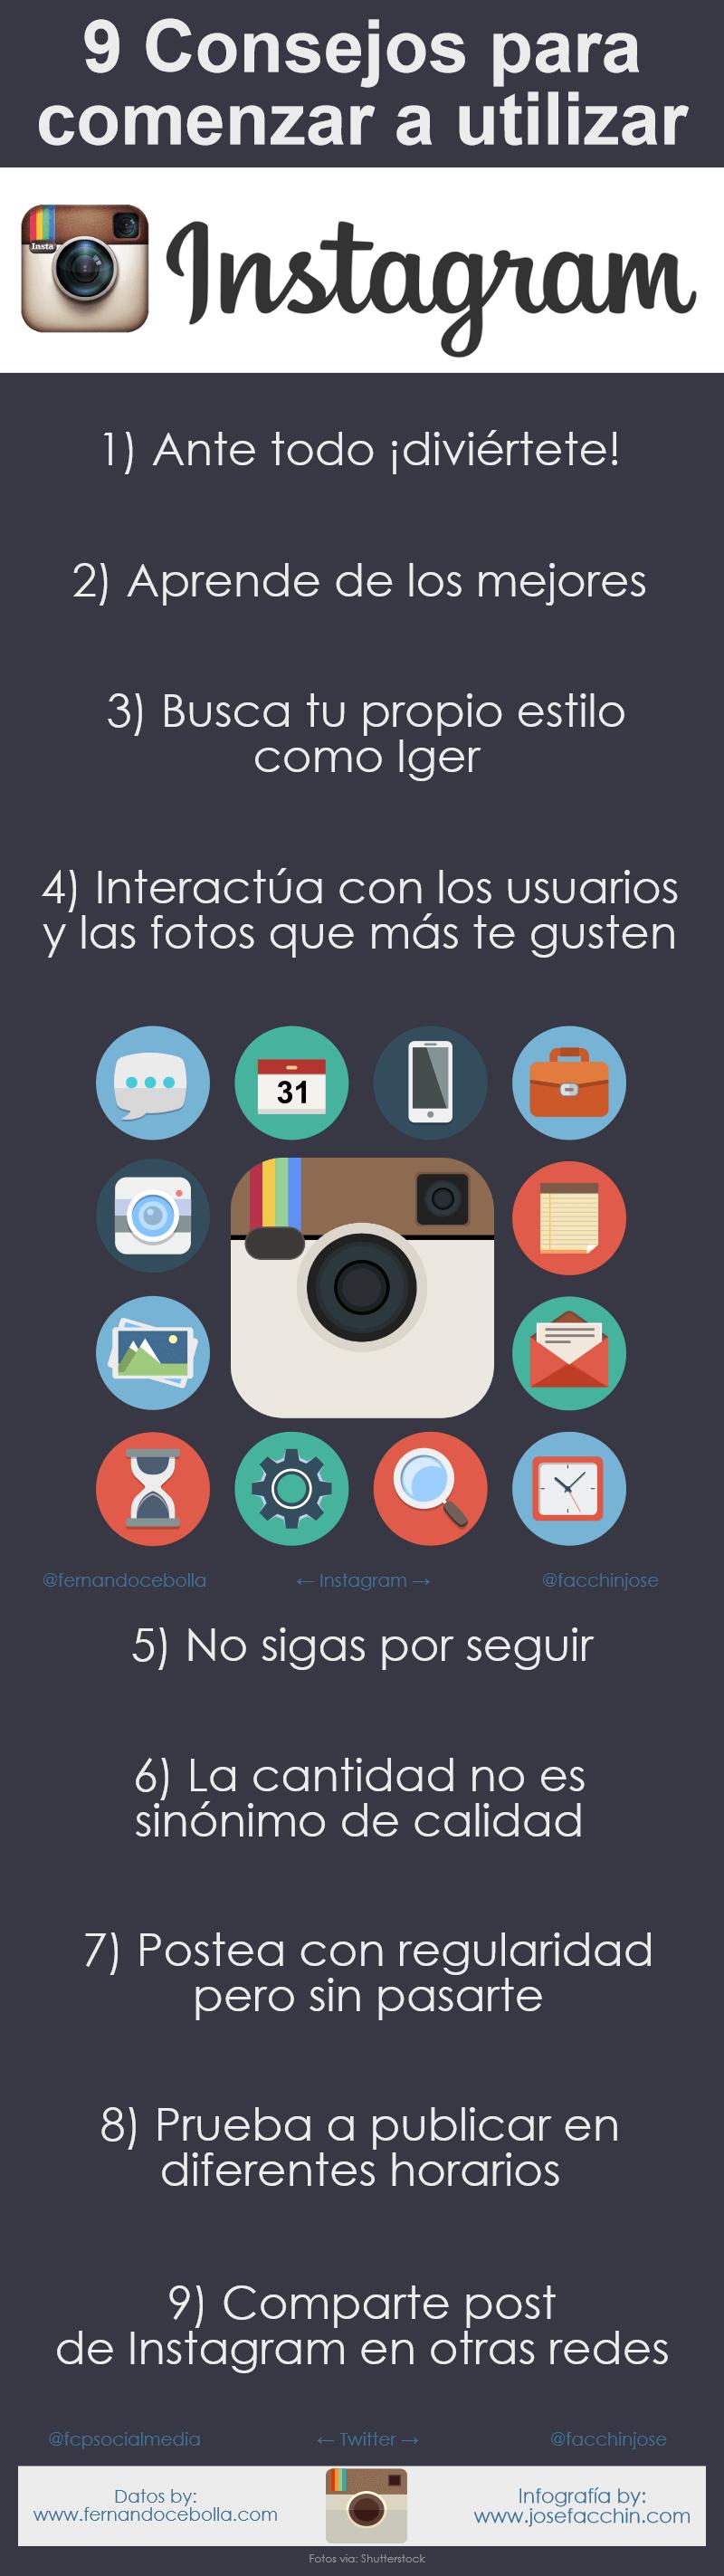 9 consejos para comenzar a usar Instagram #infografia #infographic #socialmedia